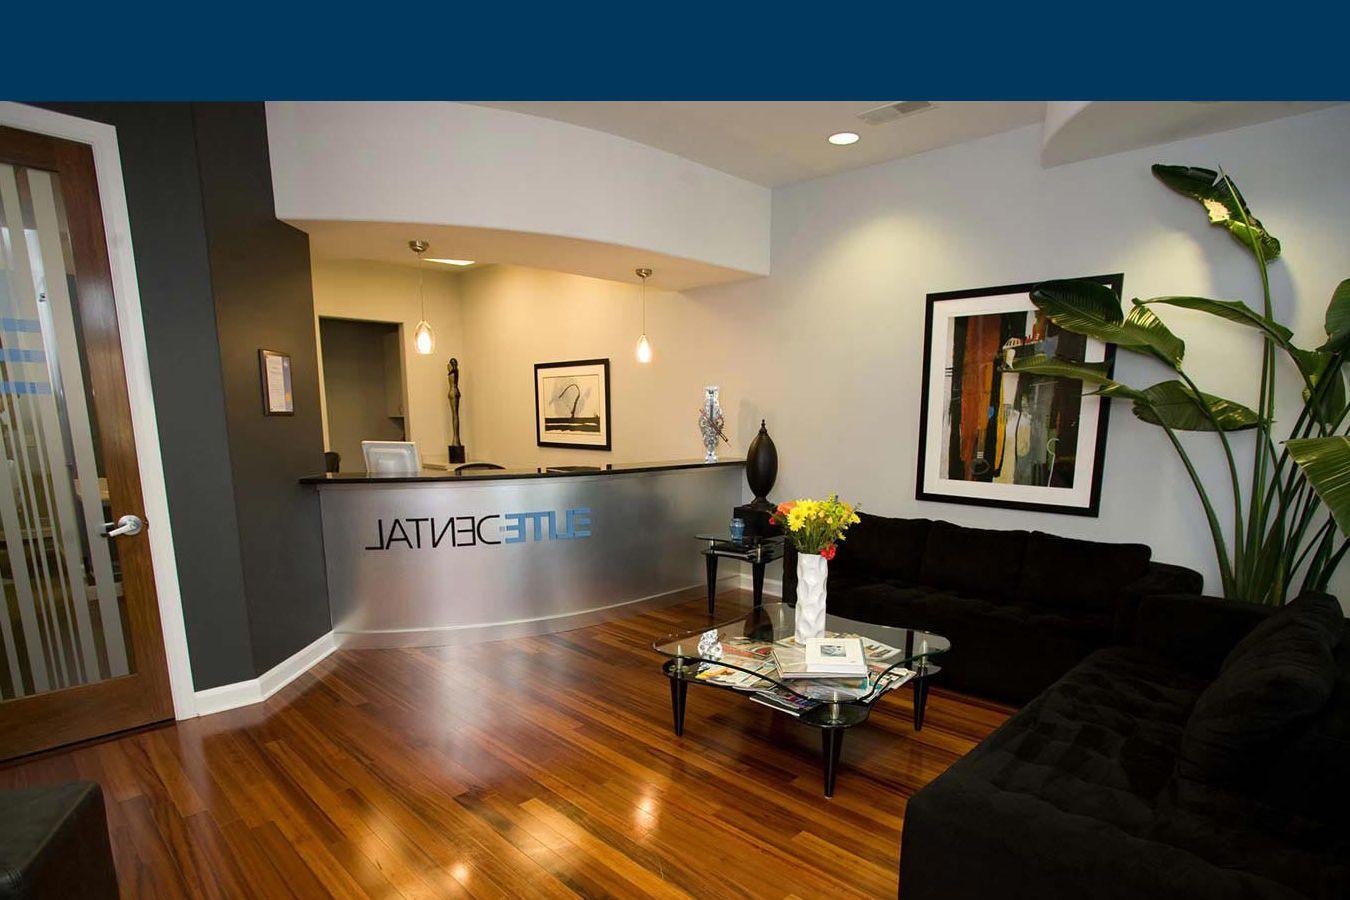 Image result for dental office design gallery